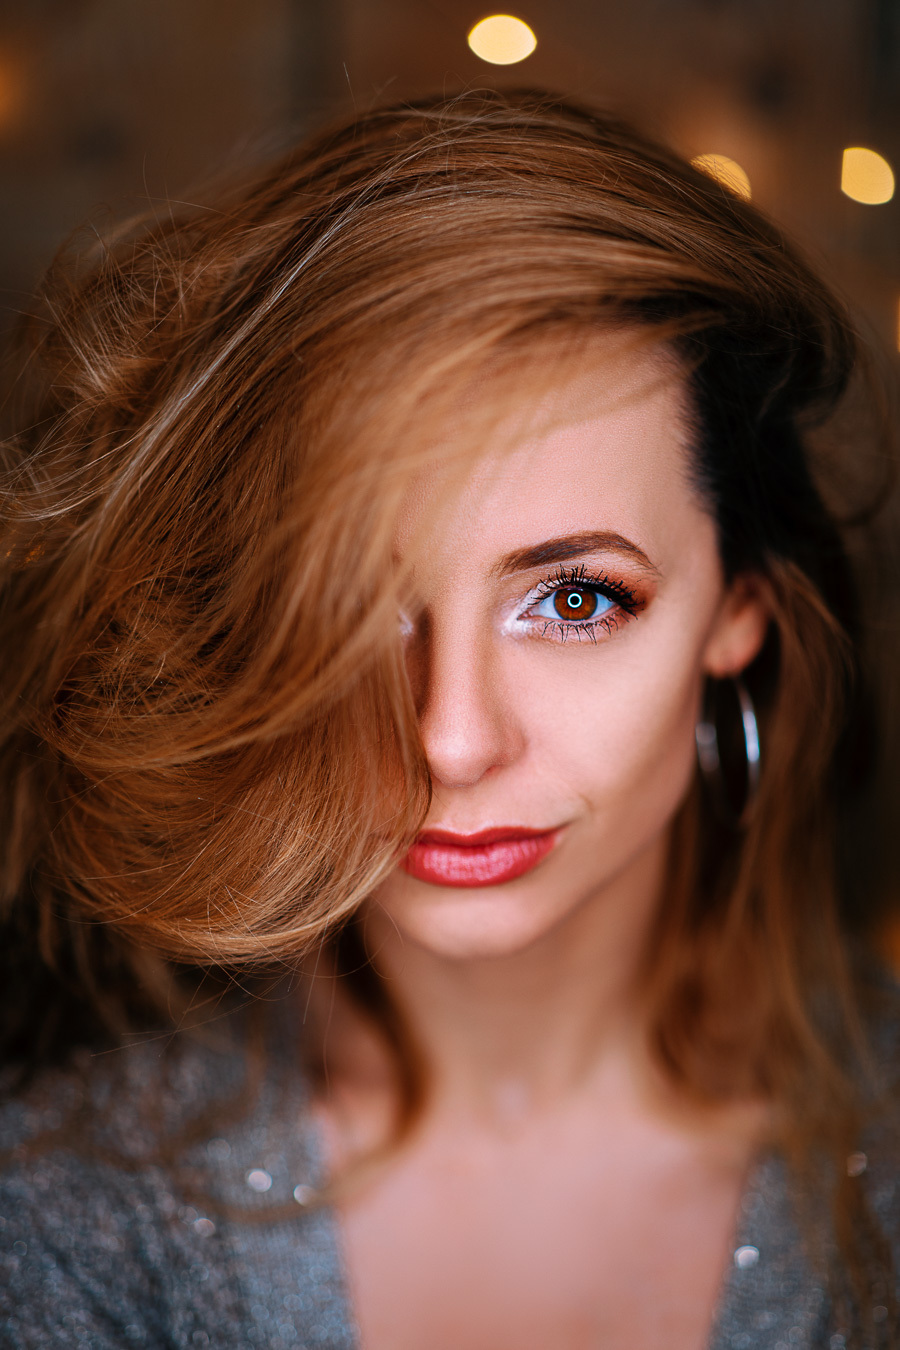 Portrait / Photography by Stuart P, Model Ayla, Taken at Athena Studio / Uploaded 2nd January 2020 @ 08:16 PM